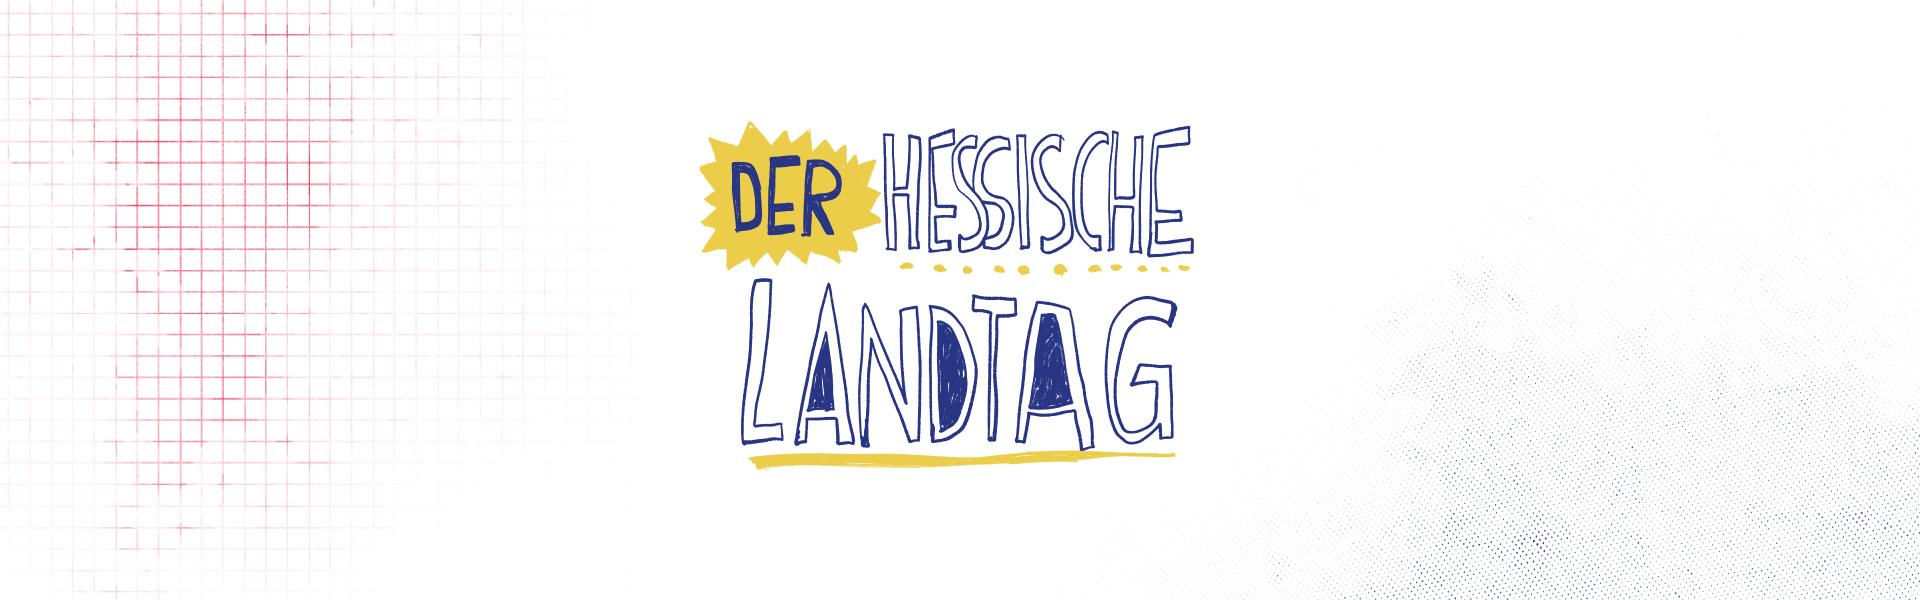 Der Hessische Landtag Lettering Headline